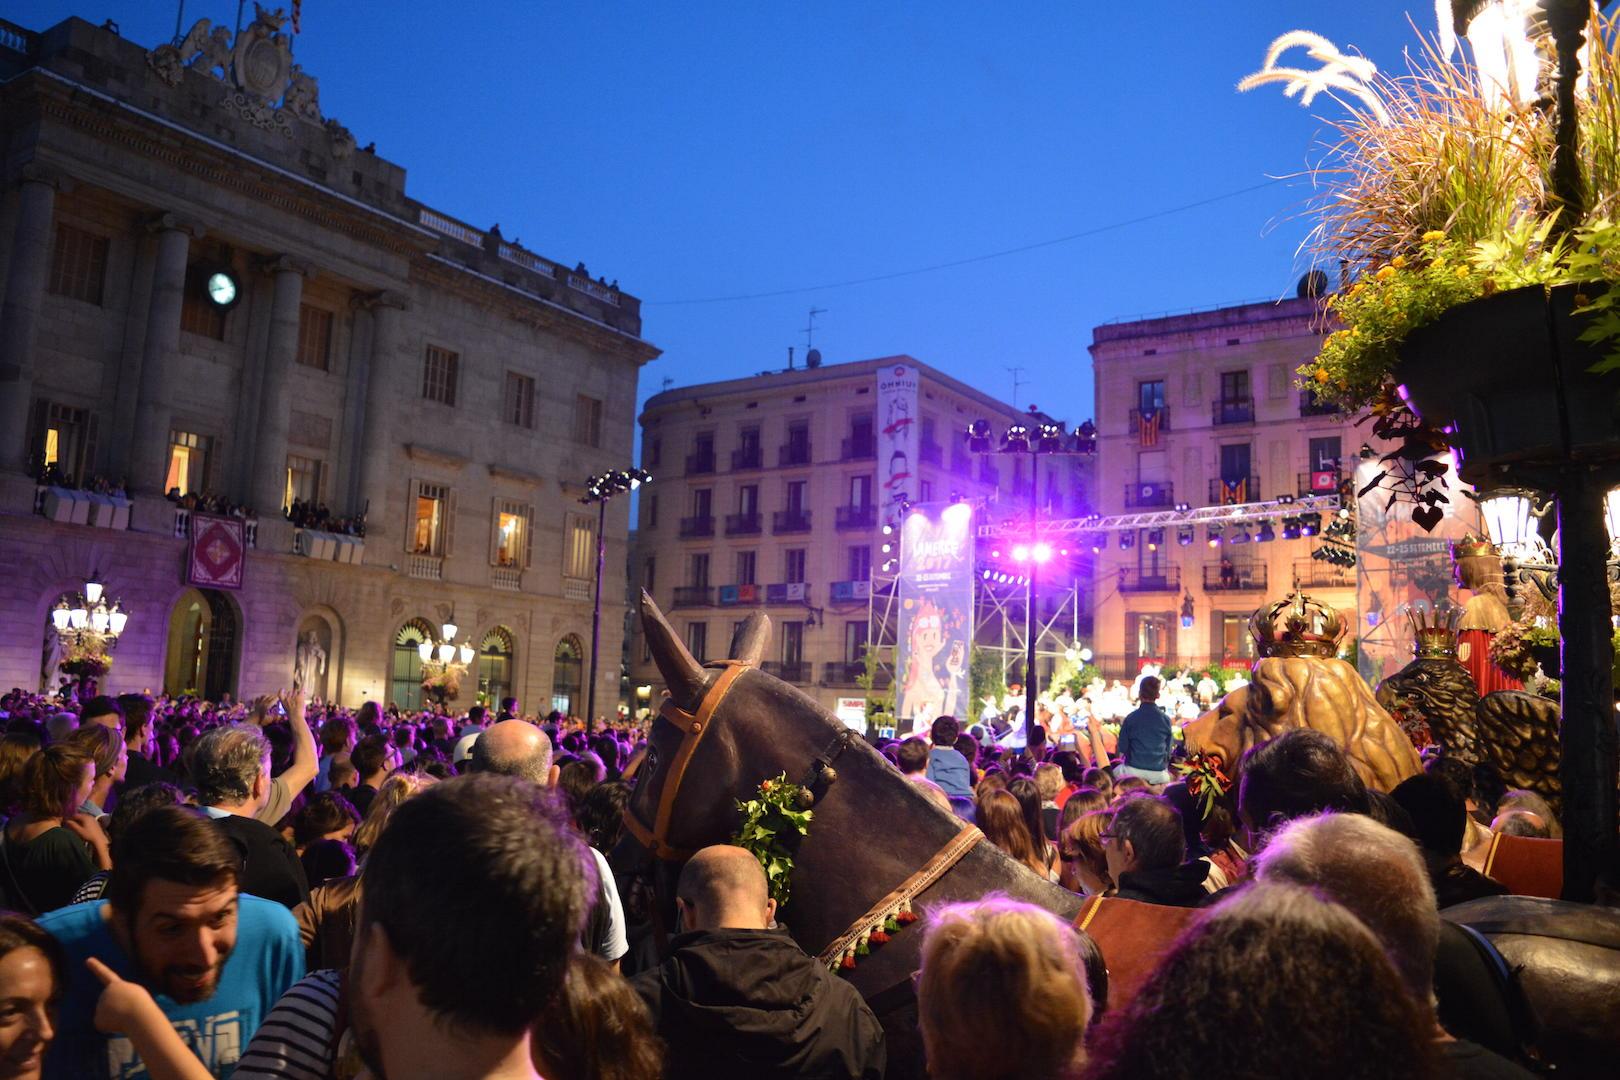 Barcelona la merce, Katalonia, festiwal zakończenia lata, festiwal la merce, Hiszpania, urlop, urlop w Hiszpani, urlop w Barcelonie,